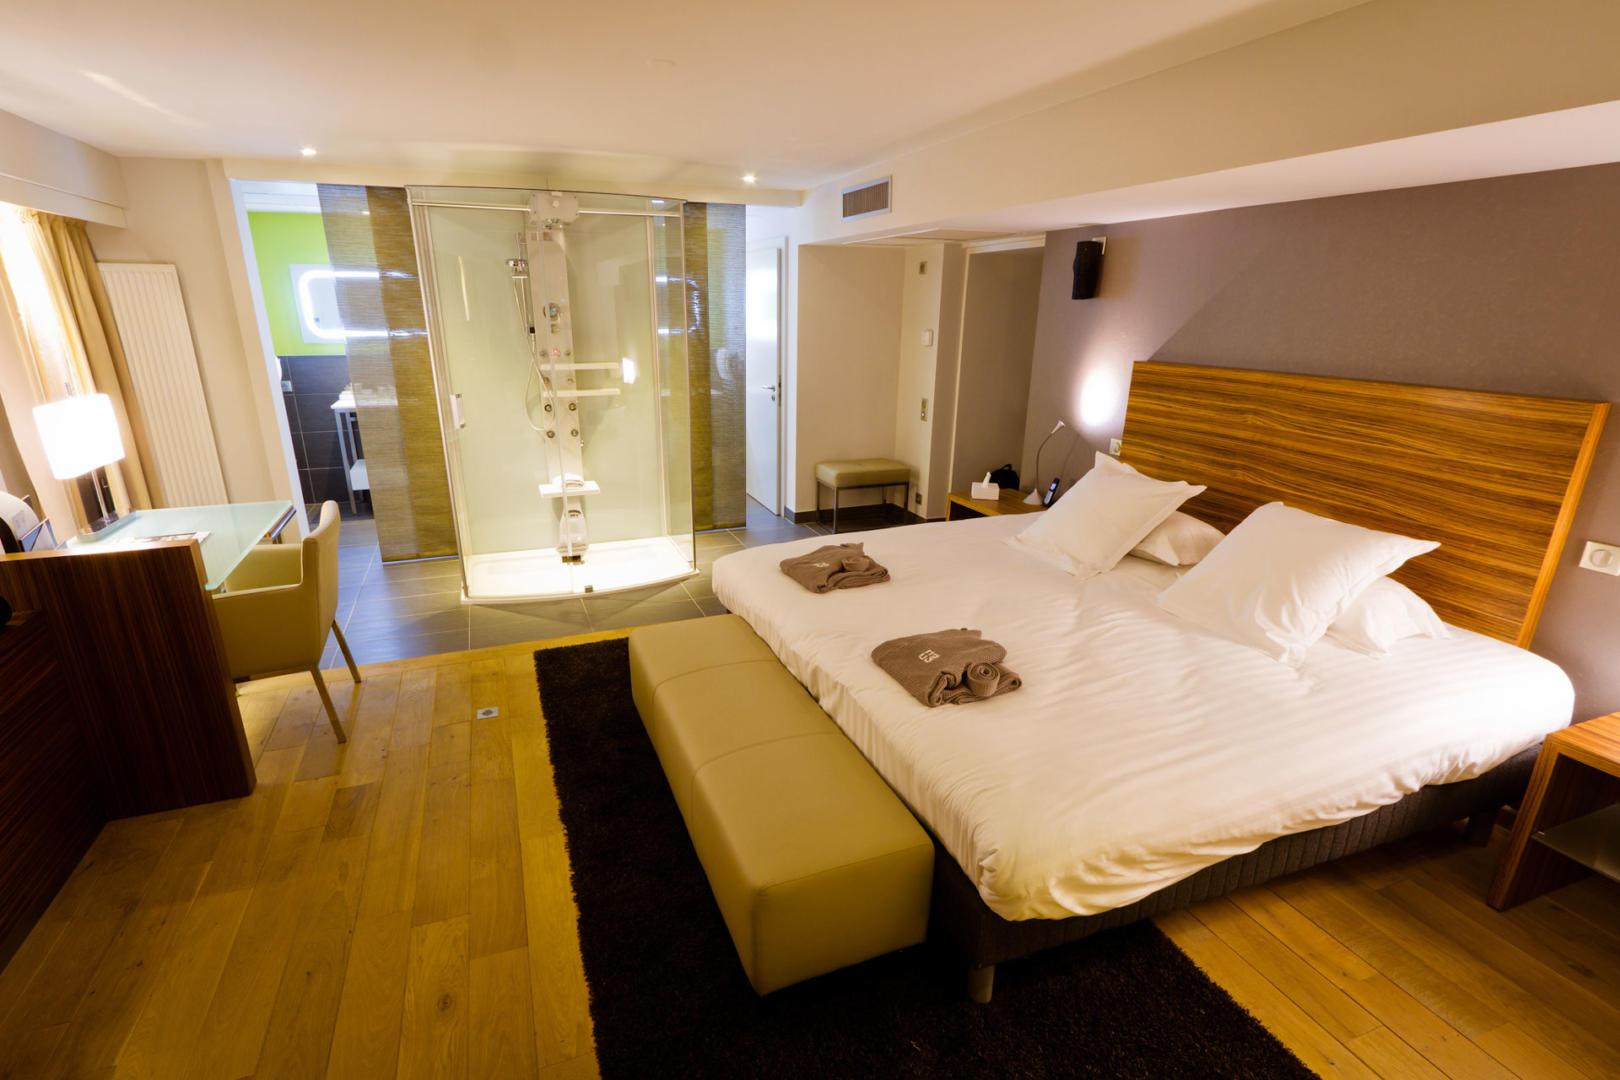 H tel 4 toiles design alsace h tel de charme saint louis for Designhotel elsass